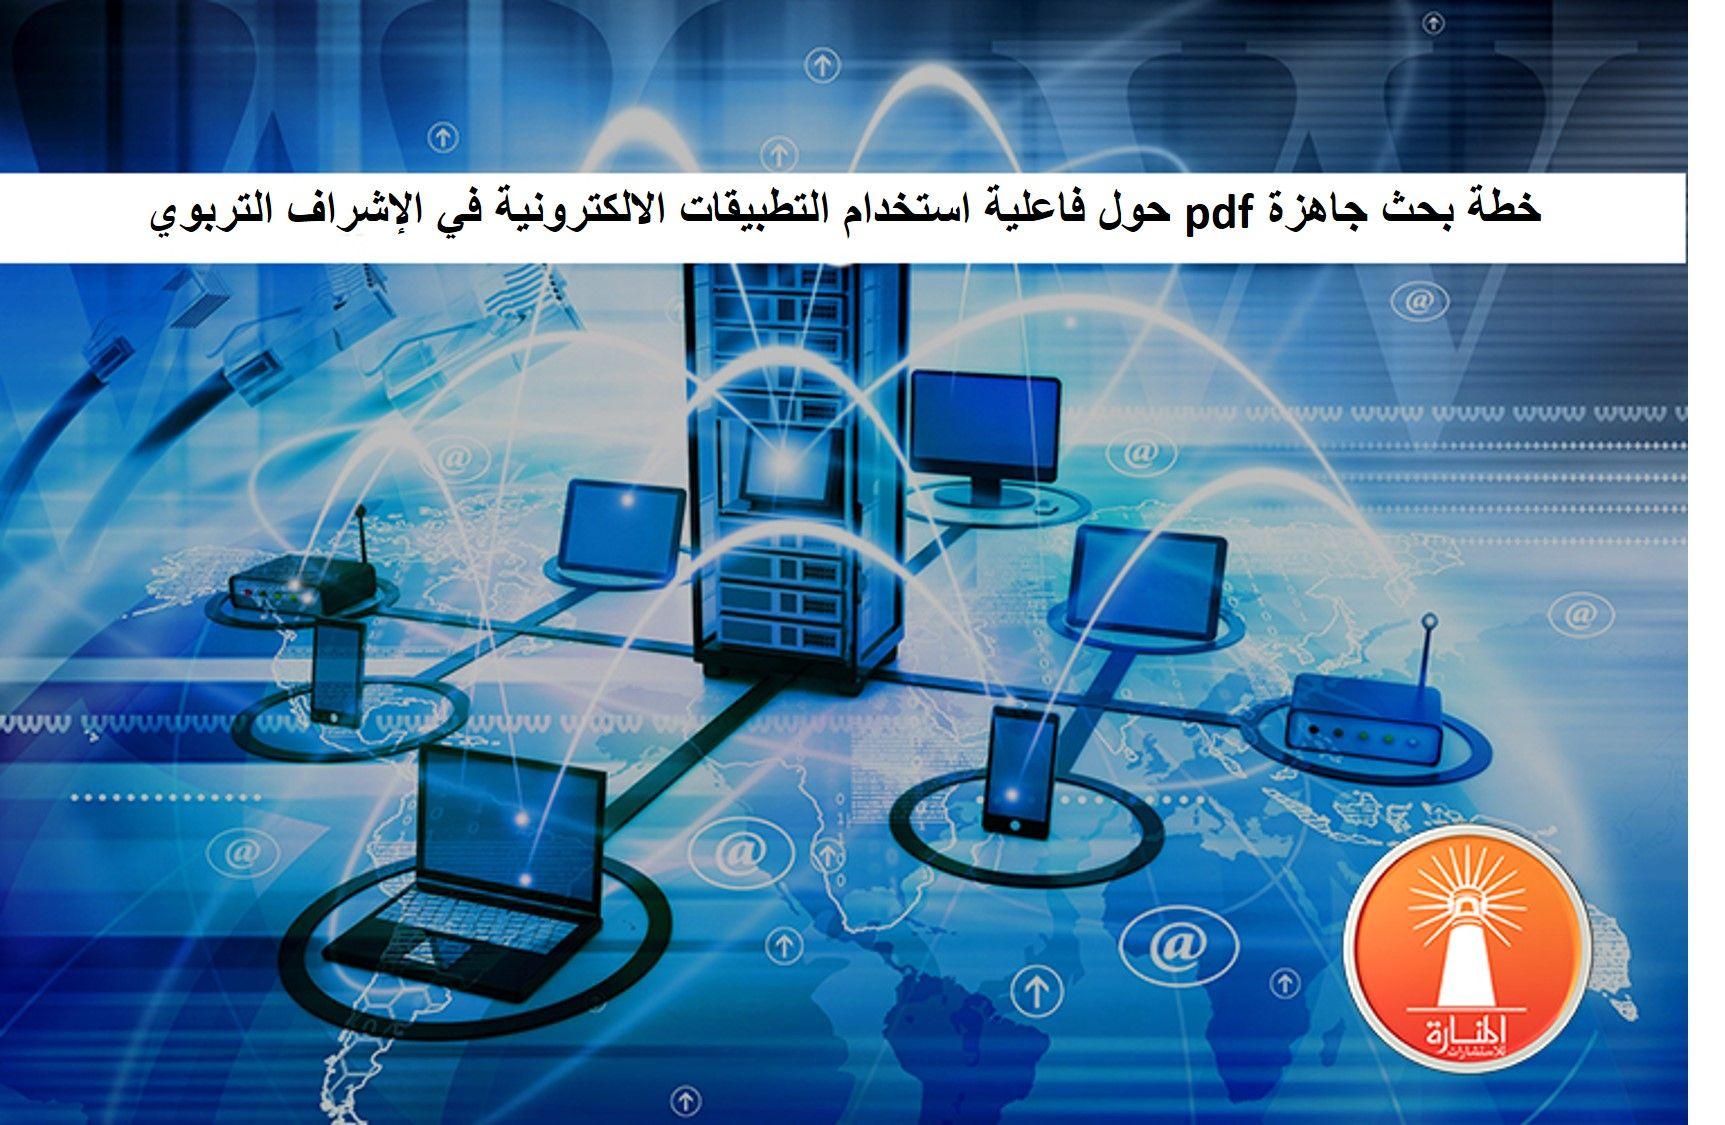 خطة بحث جاهزة Pdf حول فاعلية استخدام التطبيقات الإلكترونية في الإشراف التربوي المنارة للاستشارات Web Hosting Services Website Hosting Web Hosting